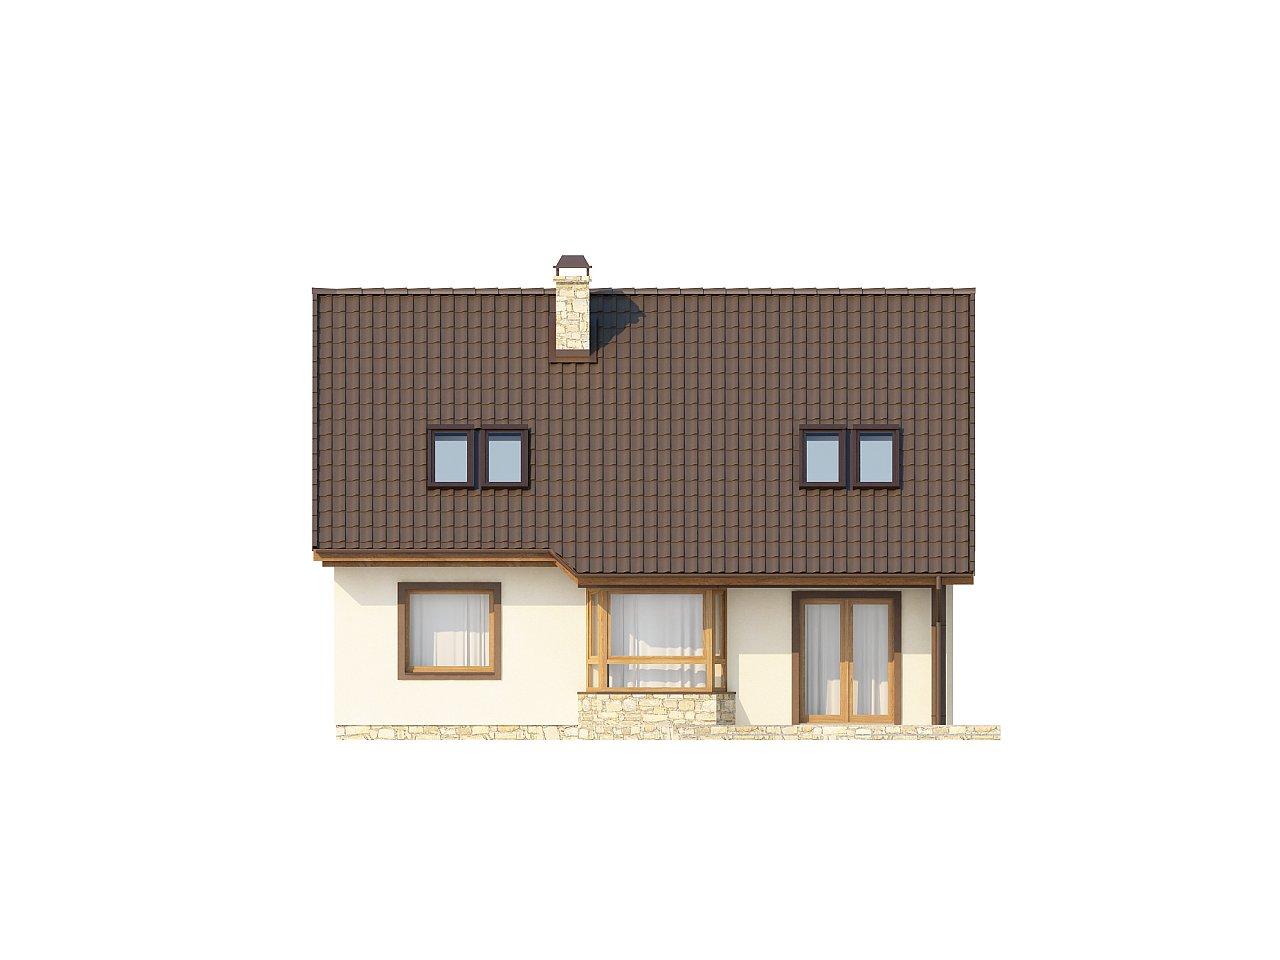 Выгодный и простой в строительстве дом с эркером в дневной зоне. 22